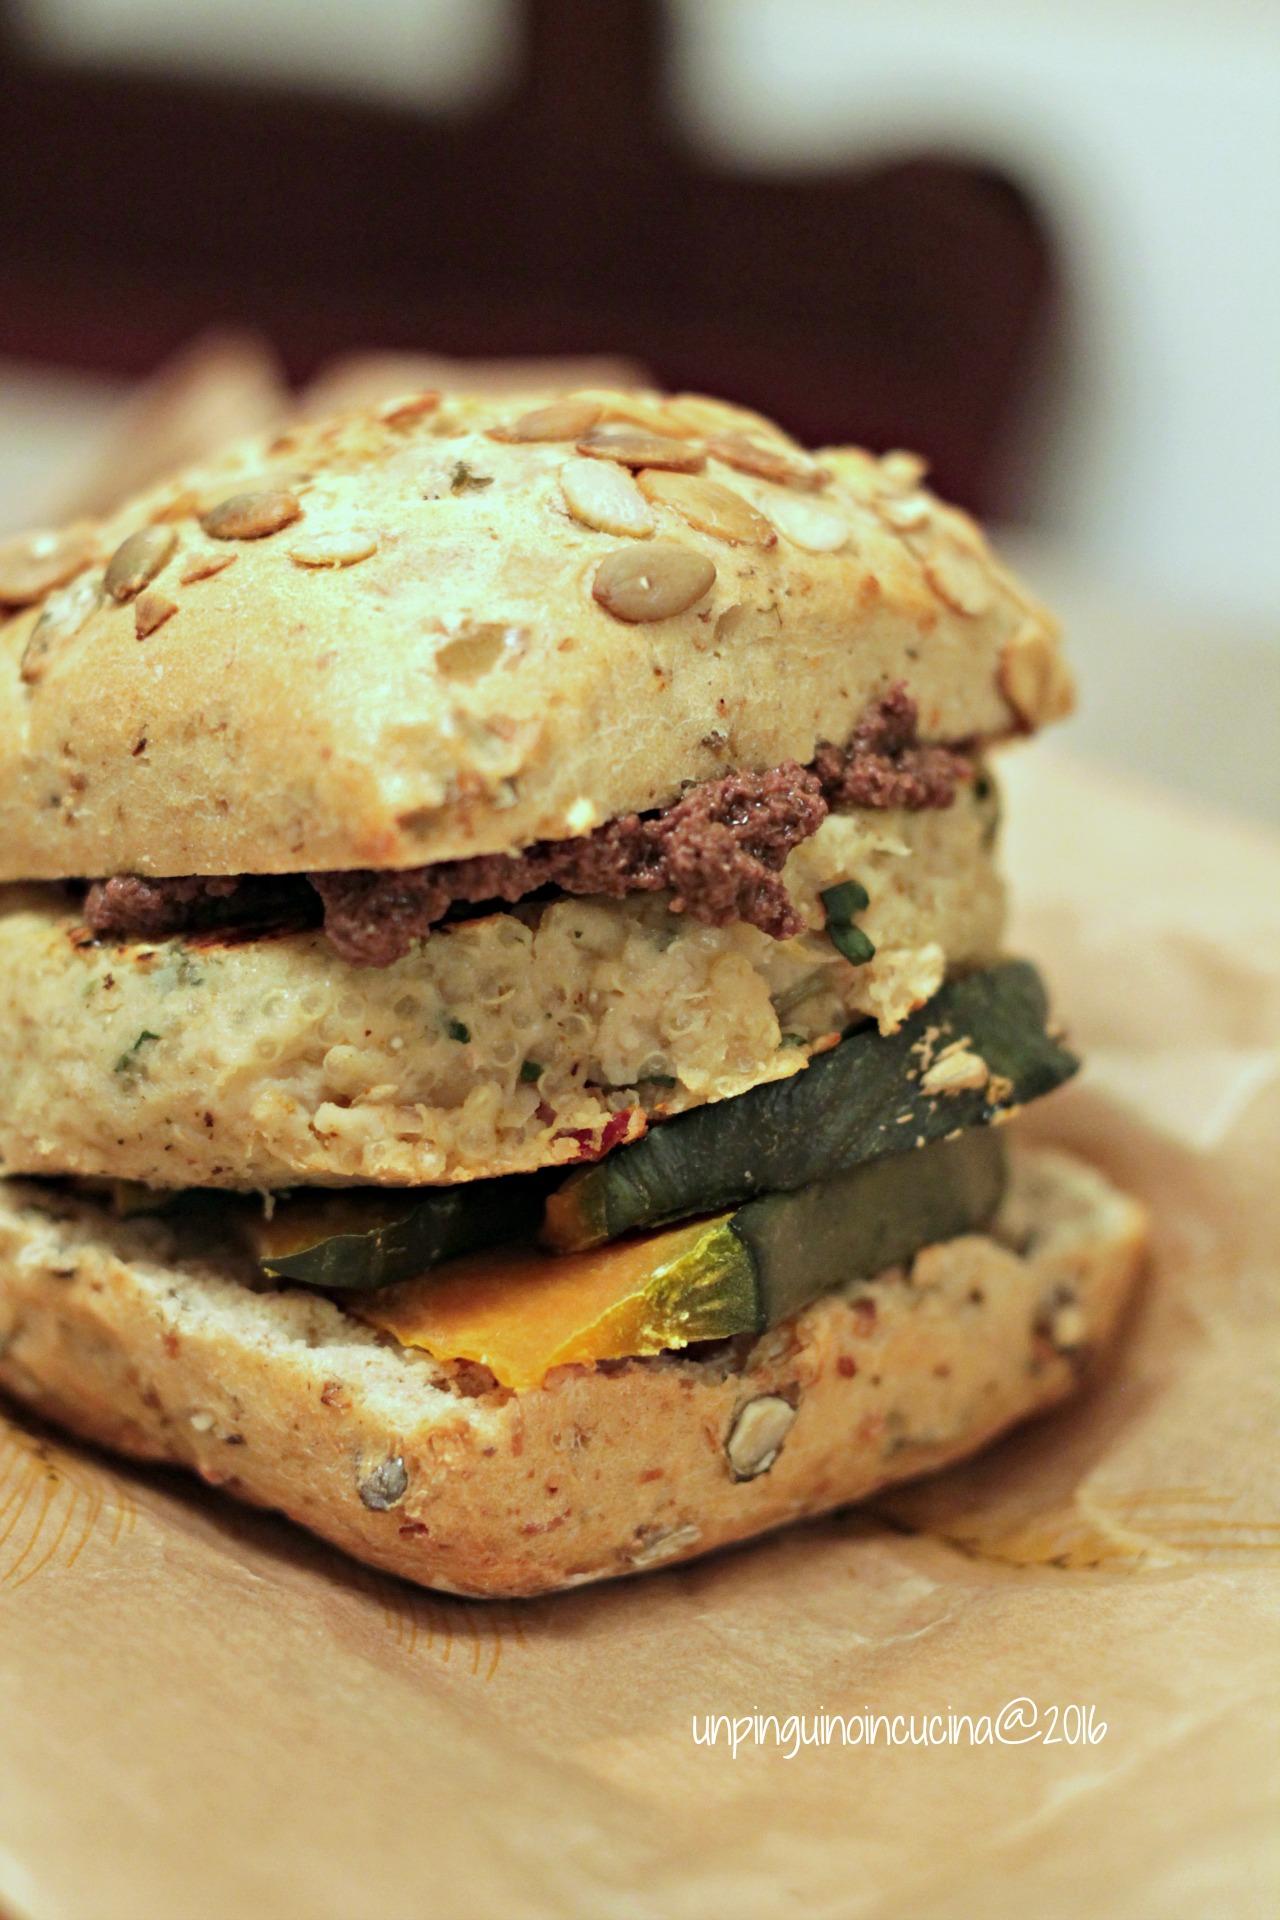 Comporre il panino disponendo la zucca sulla base del panino e spalmando il paté di olive all'interno della parte superiore. Adagiare il burger sulla zucca e coprire con l'altra metà di panino.